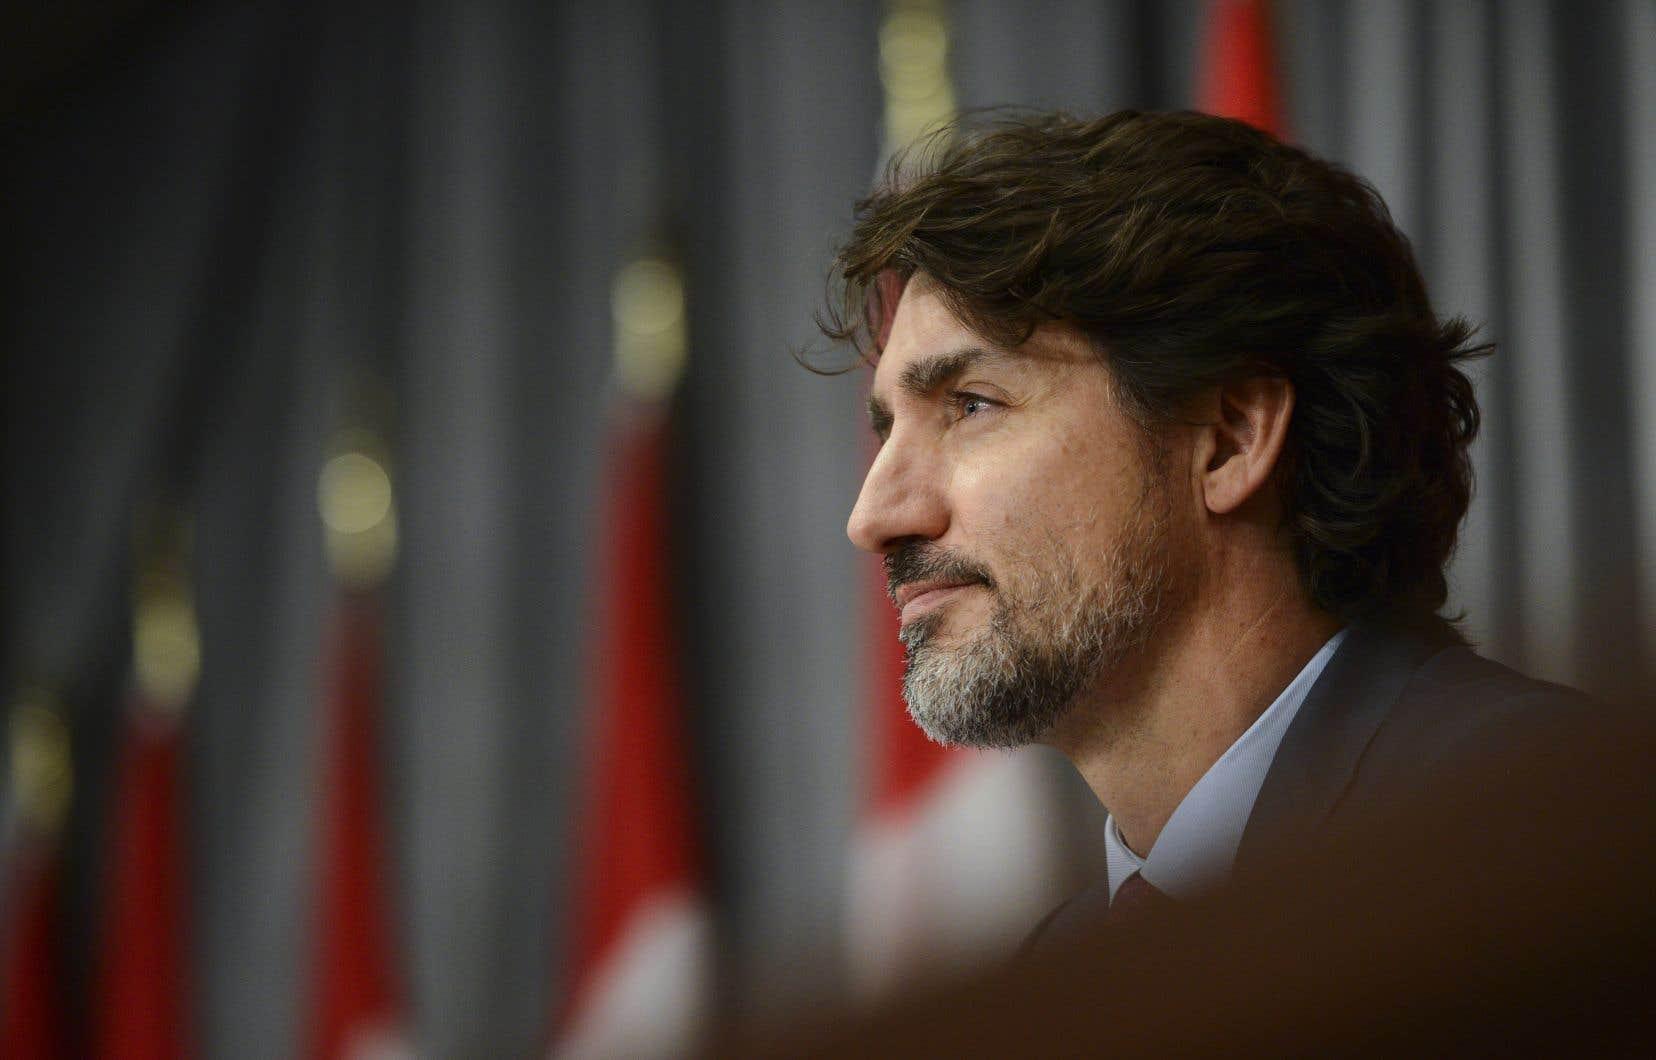 Le premier ministre Justin Trudeau est accusé par l'opposition de s'être placé en conflit d'intérêts en ne se récusant pas des discussions au cabinet concernant une entente de contribution avec l'organisme de charité UNIS avec lequel sa famille entretient des liens étroits.